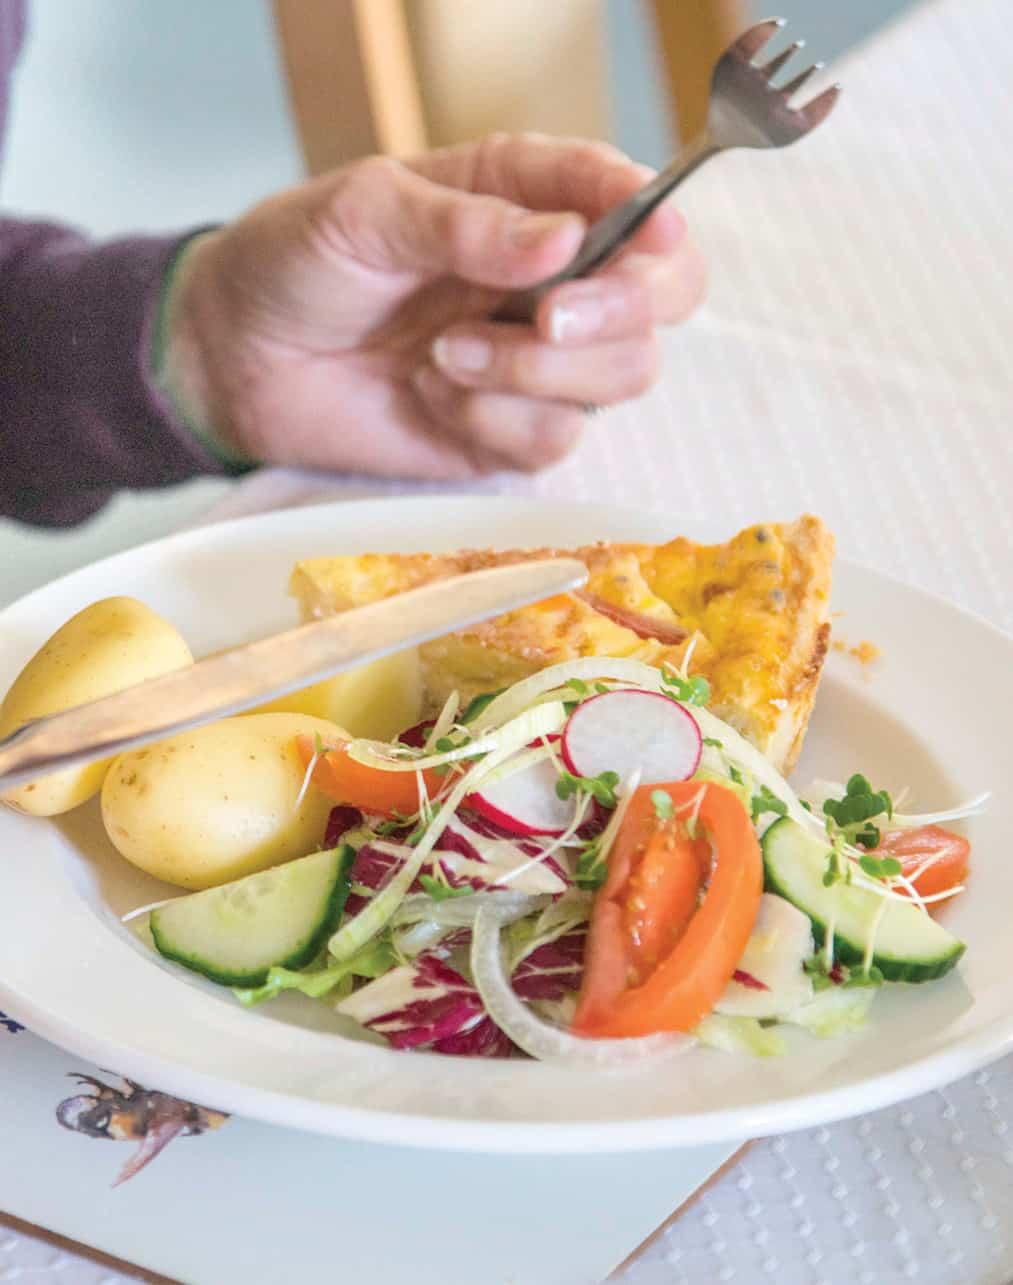 Nutrition - Omlette meal